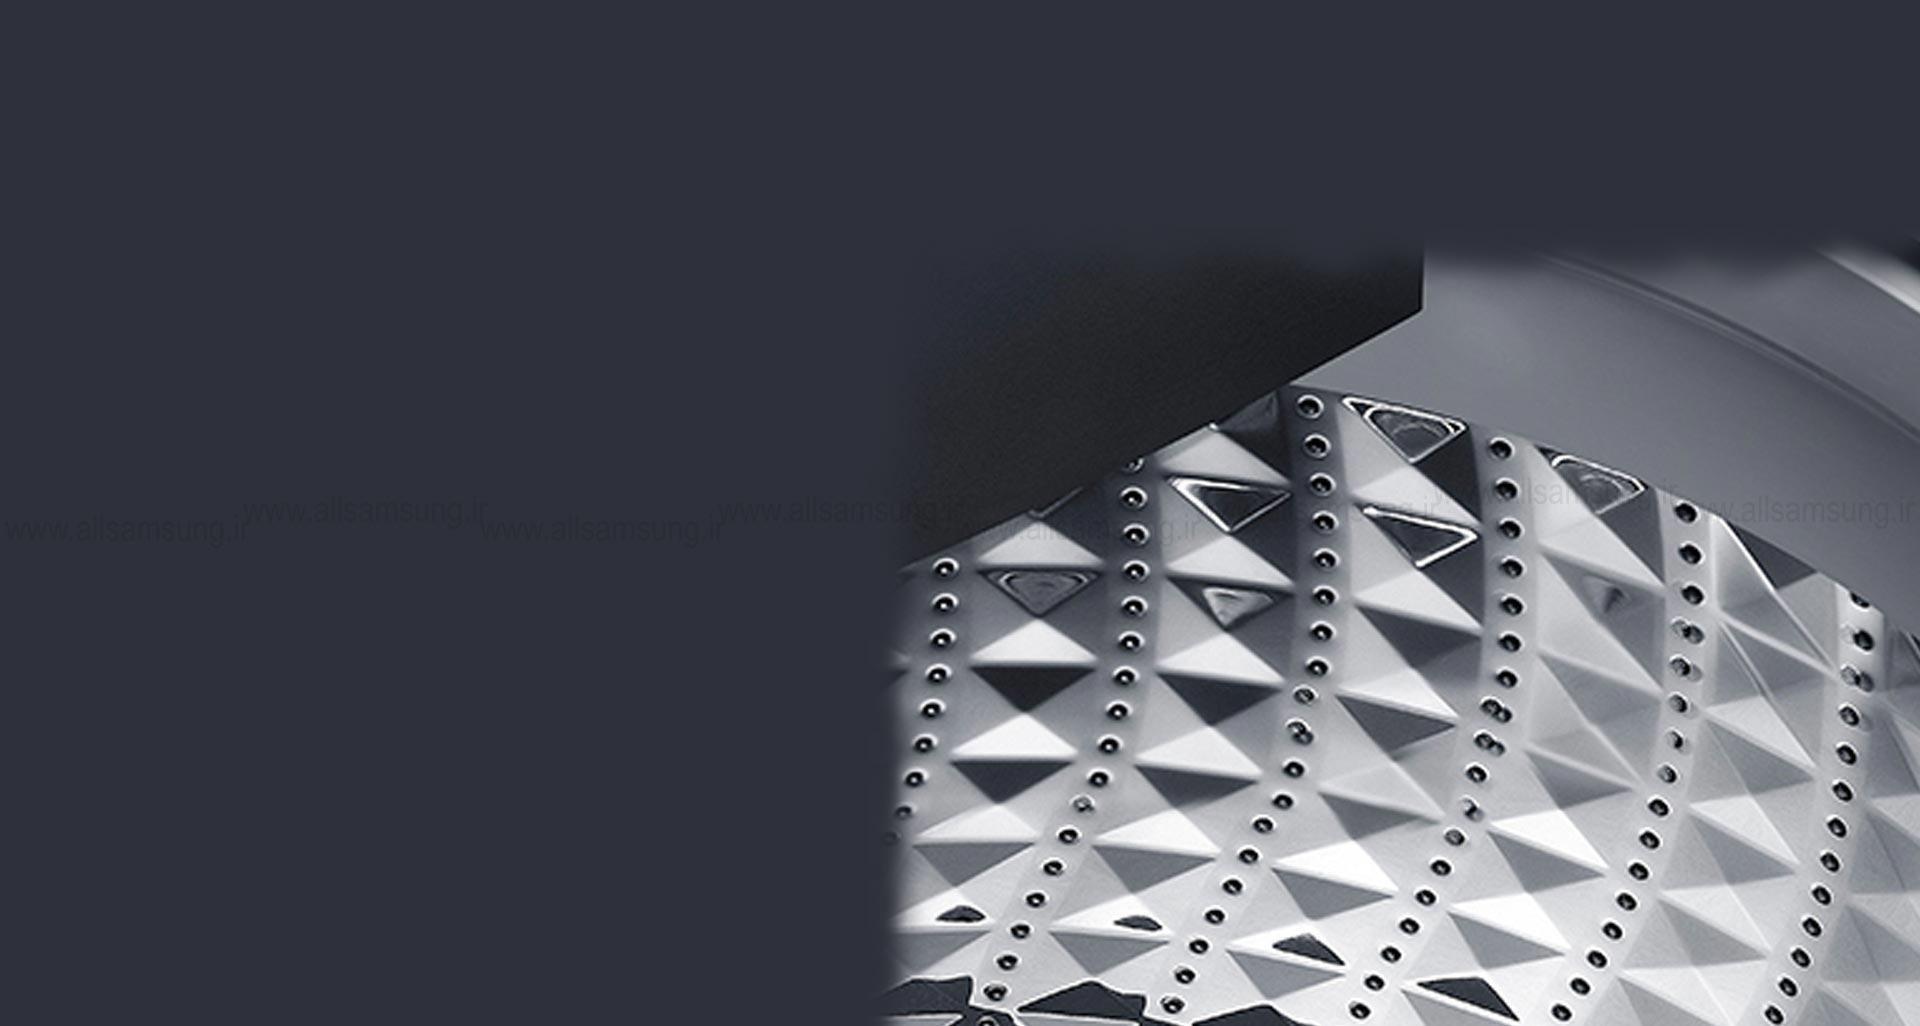 لباسشویی 11 کیلویی سامسونگ با دیگ منحصر به فرد الماسه